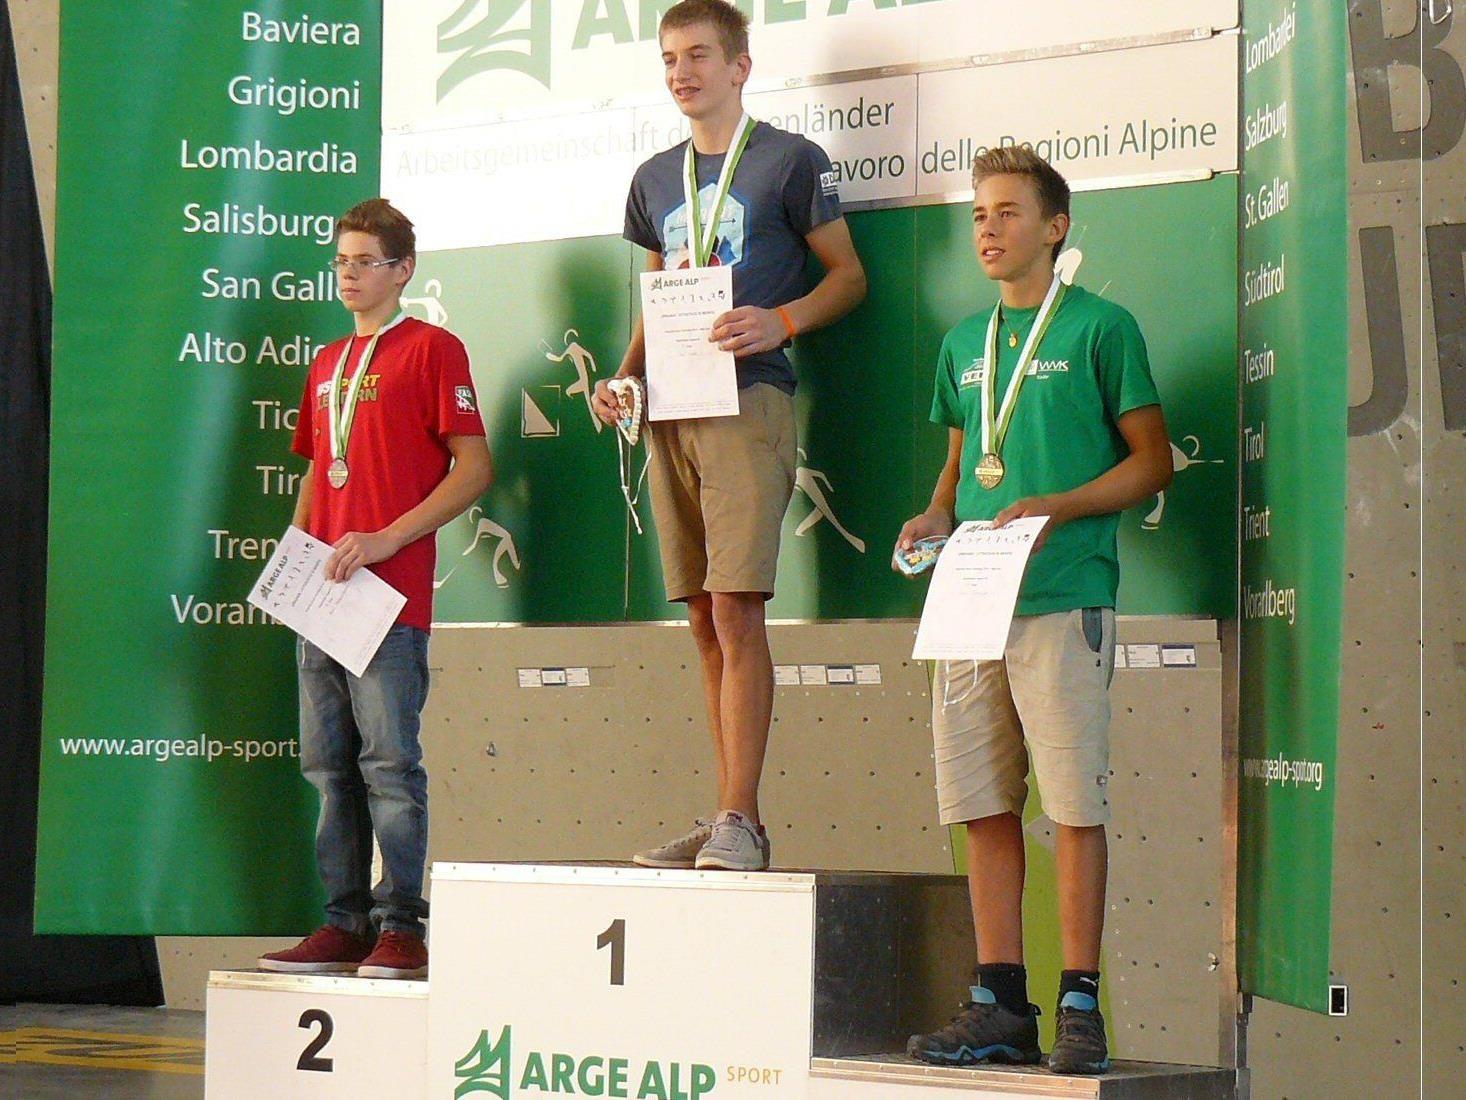 Hofherr und Meusburger wurden Dritte.